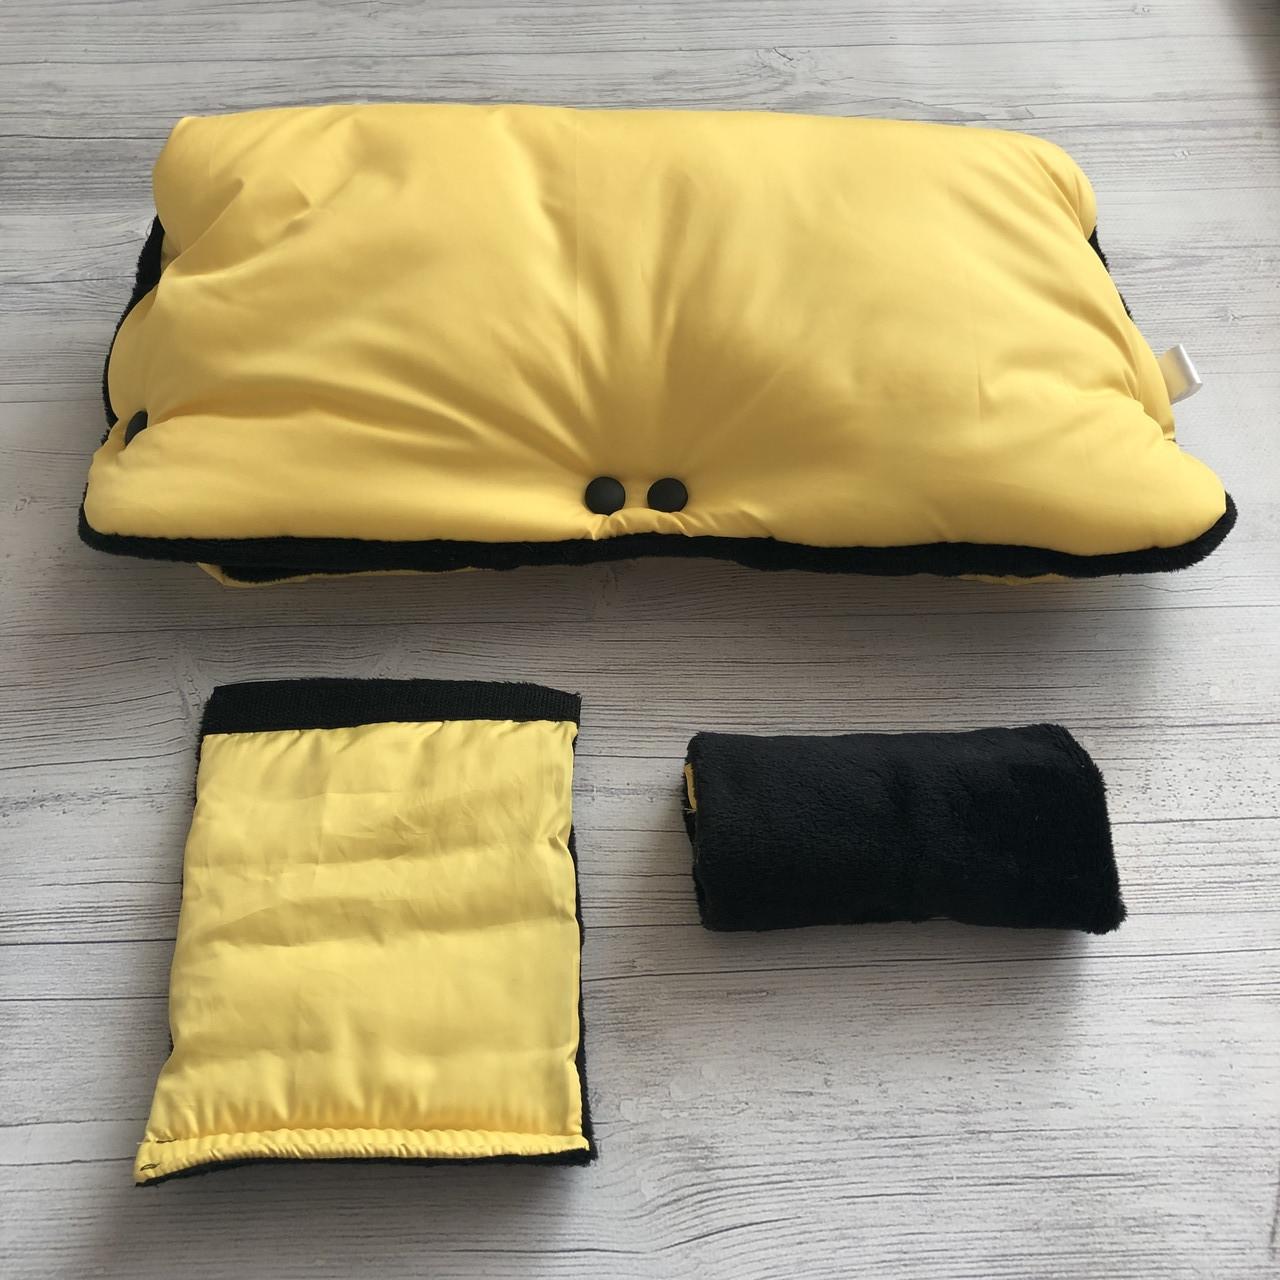 Муфта у візочок суцільна Жовта з чорним